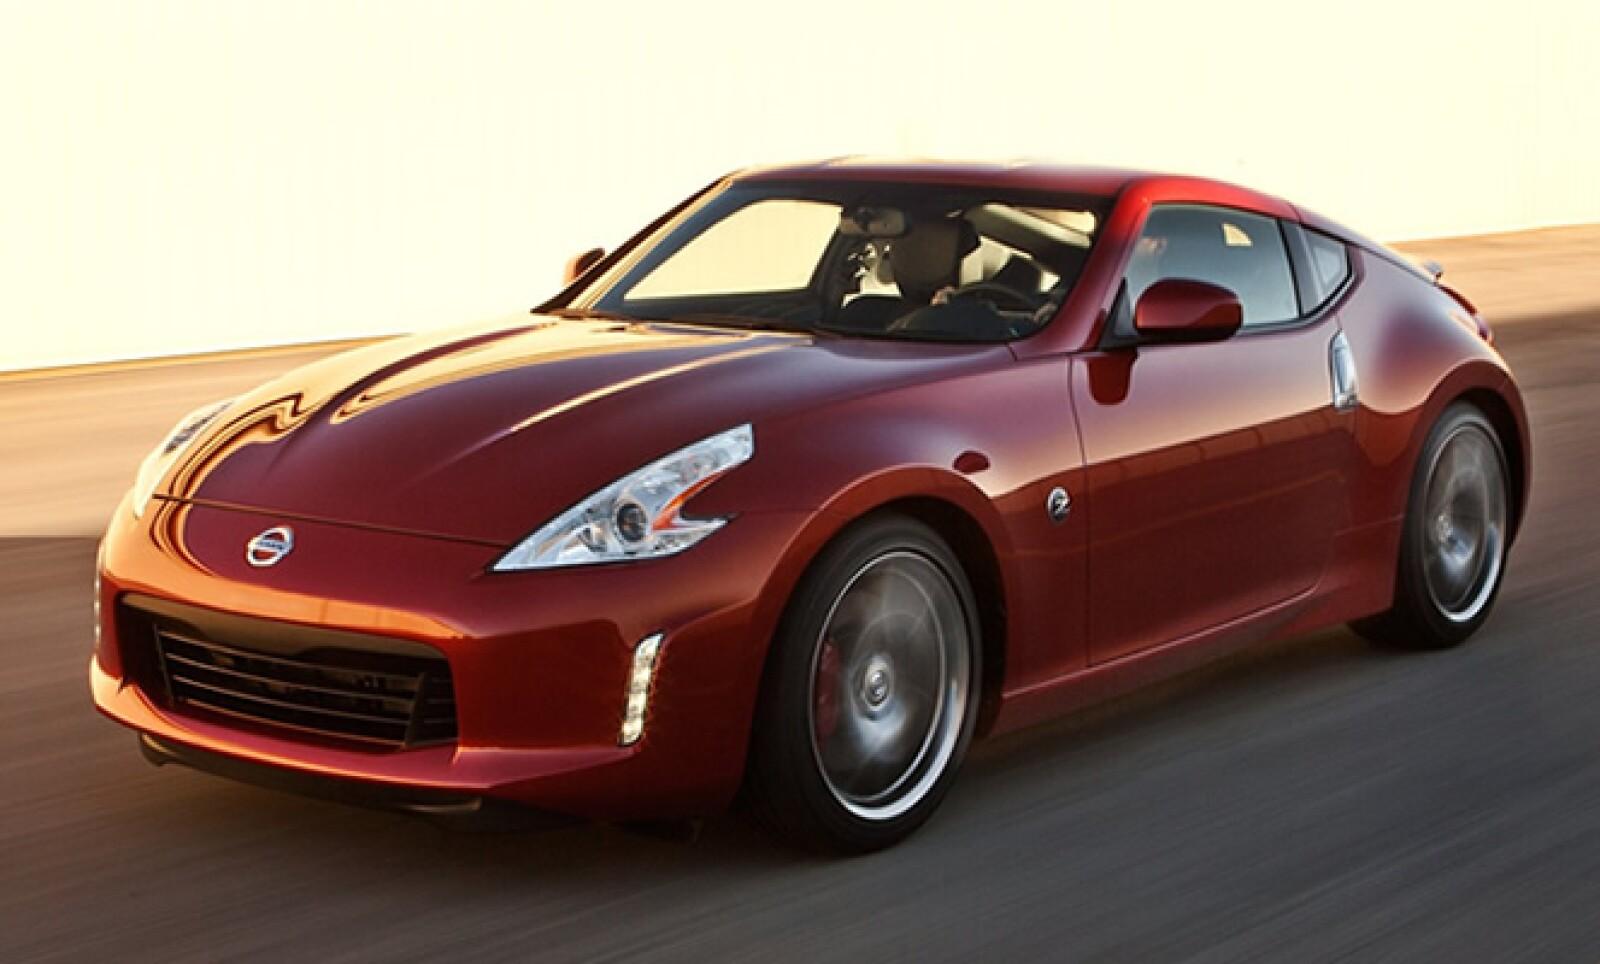 Tiene nuevas fascias delantera y trasera, luces diurnas LED y rines de aluminio de 18 o 19 pulgadas. Se comercializará también con los nuevos colores exteriores Magma Red y Midnight Blue.